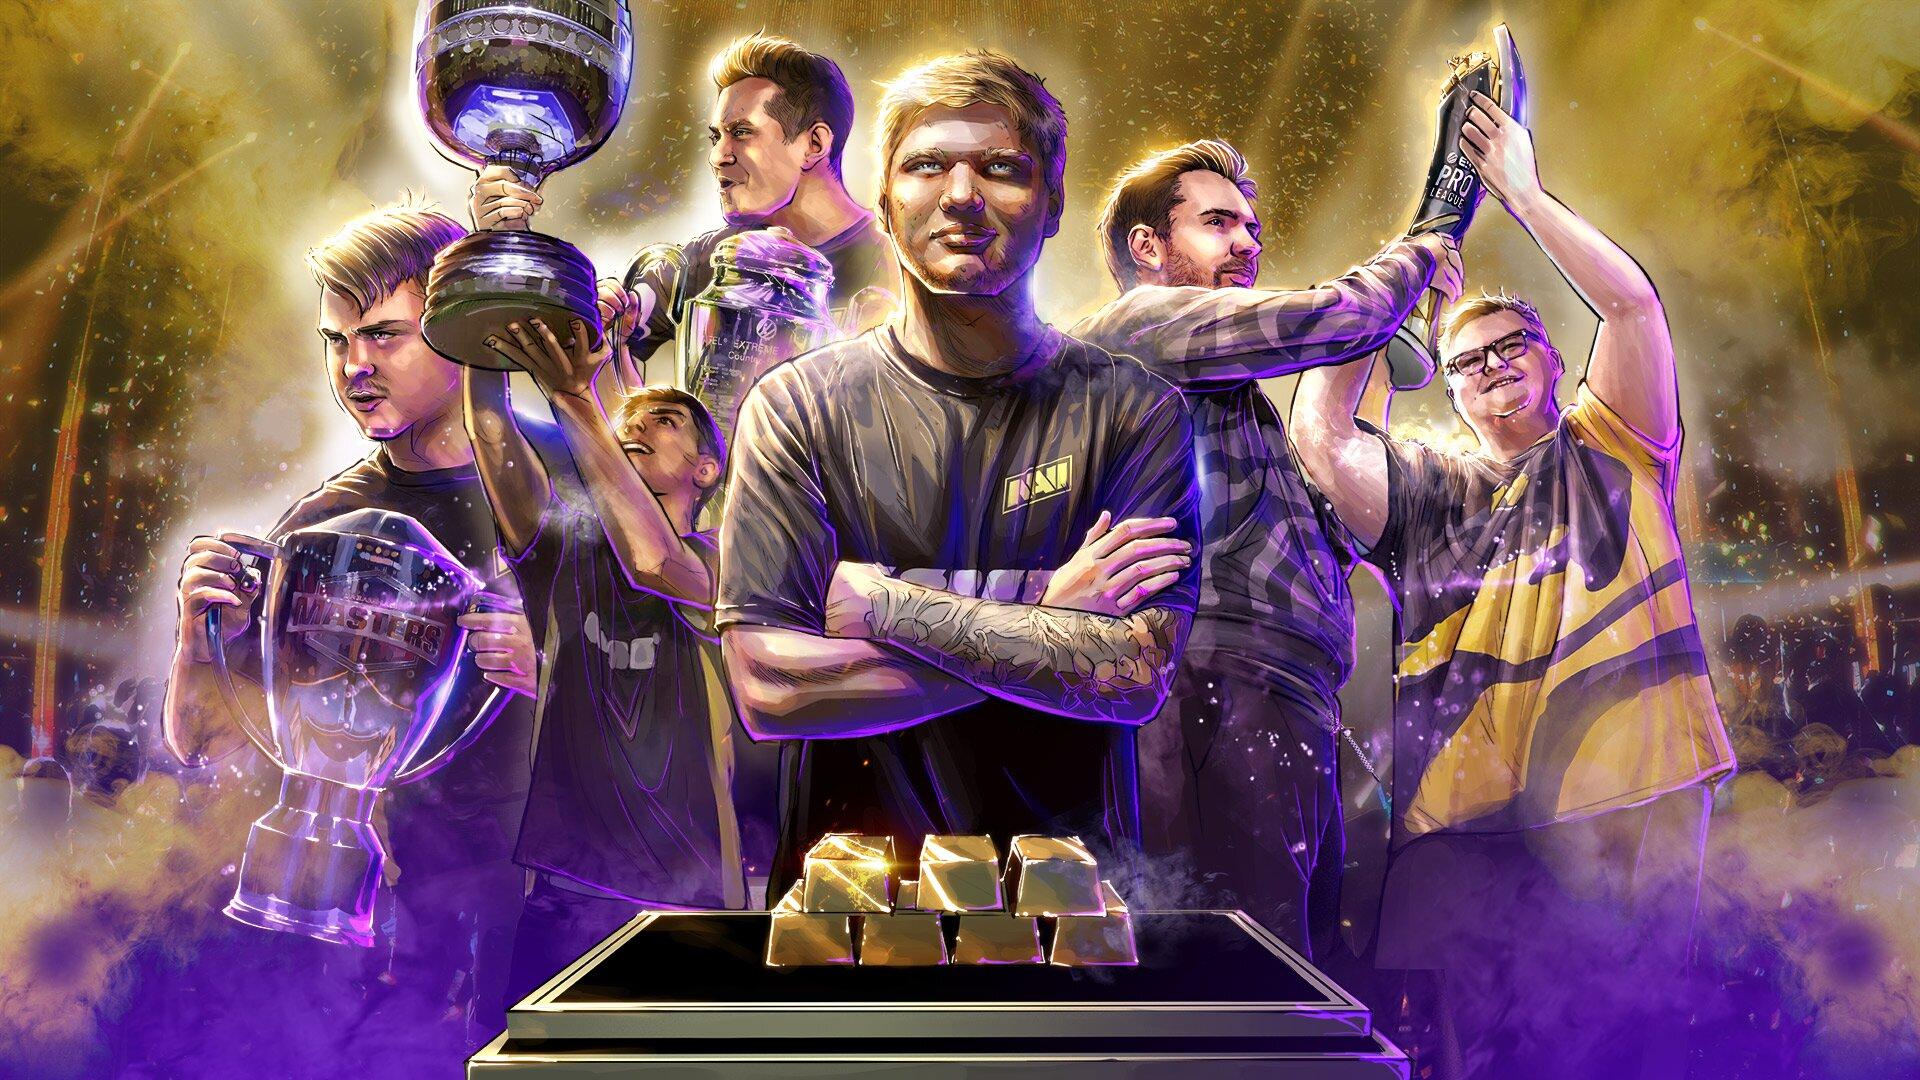 Milion dolarów w sztabkach złota trafia do Na'Vi. To trzeci zwycięzca Intel Grand Slam